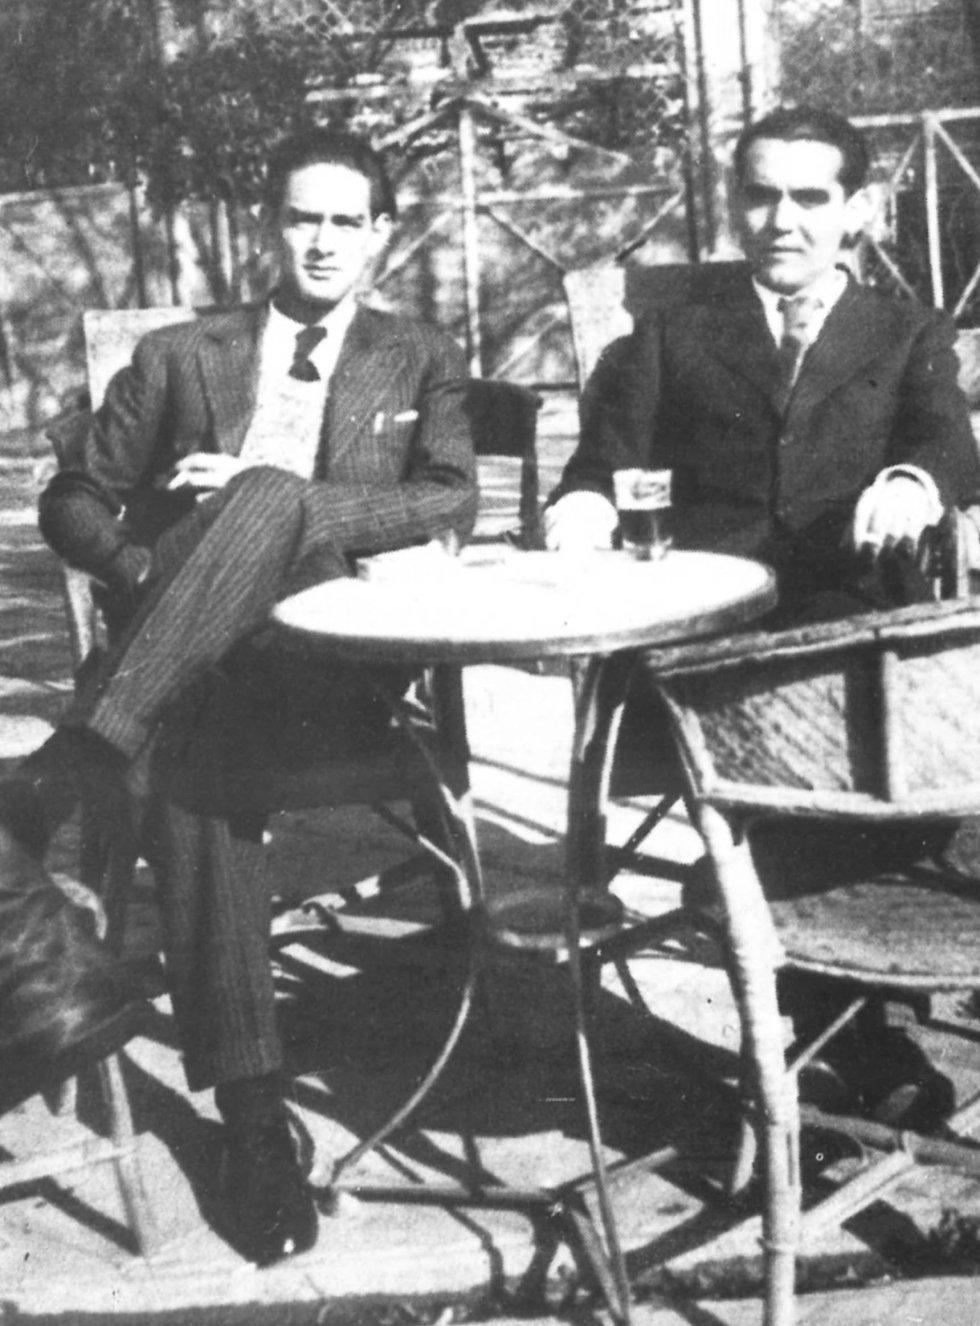 Tras la visita americana Federico García Lorca viajó a Galicia. Aquel periplo inspiró sus poemas en gallego. Ernesto Pérez Güerra (i) fue uno de los amigos que acompaño al poeta durante su visita a Santiago de Compostela. Ambos posan en una terraza de un cafe madrileño.